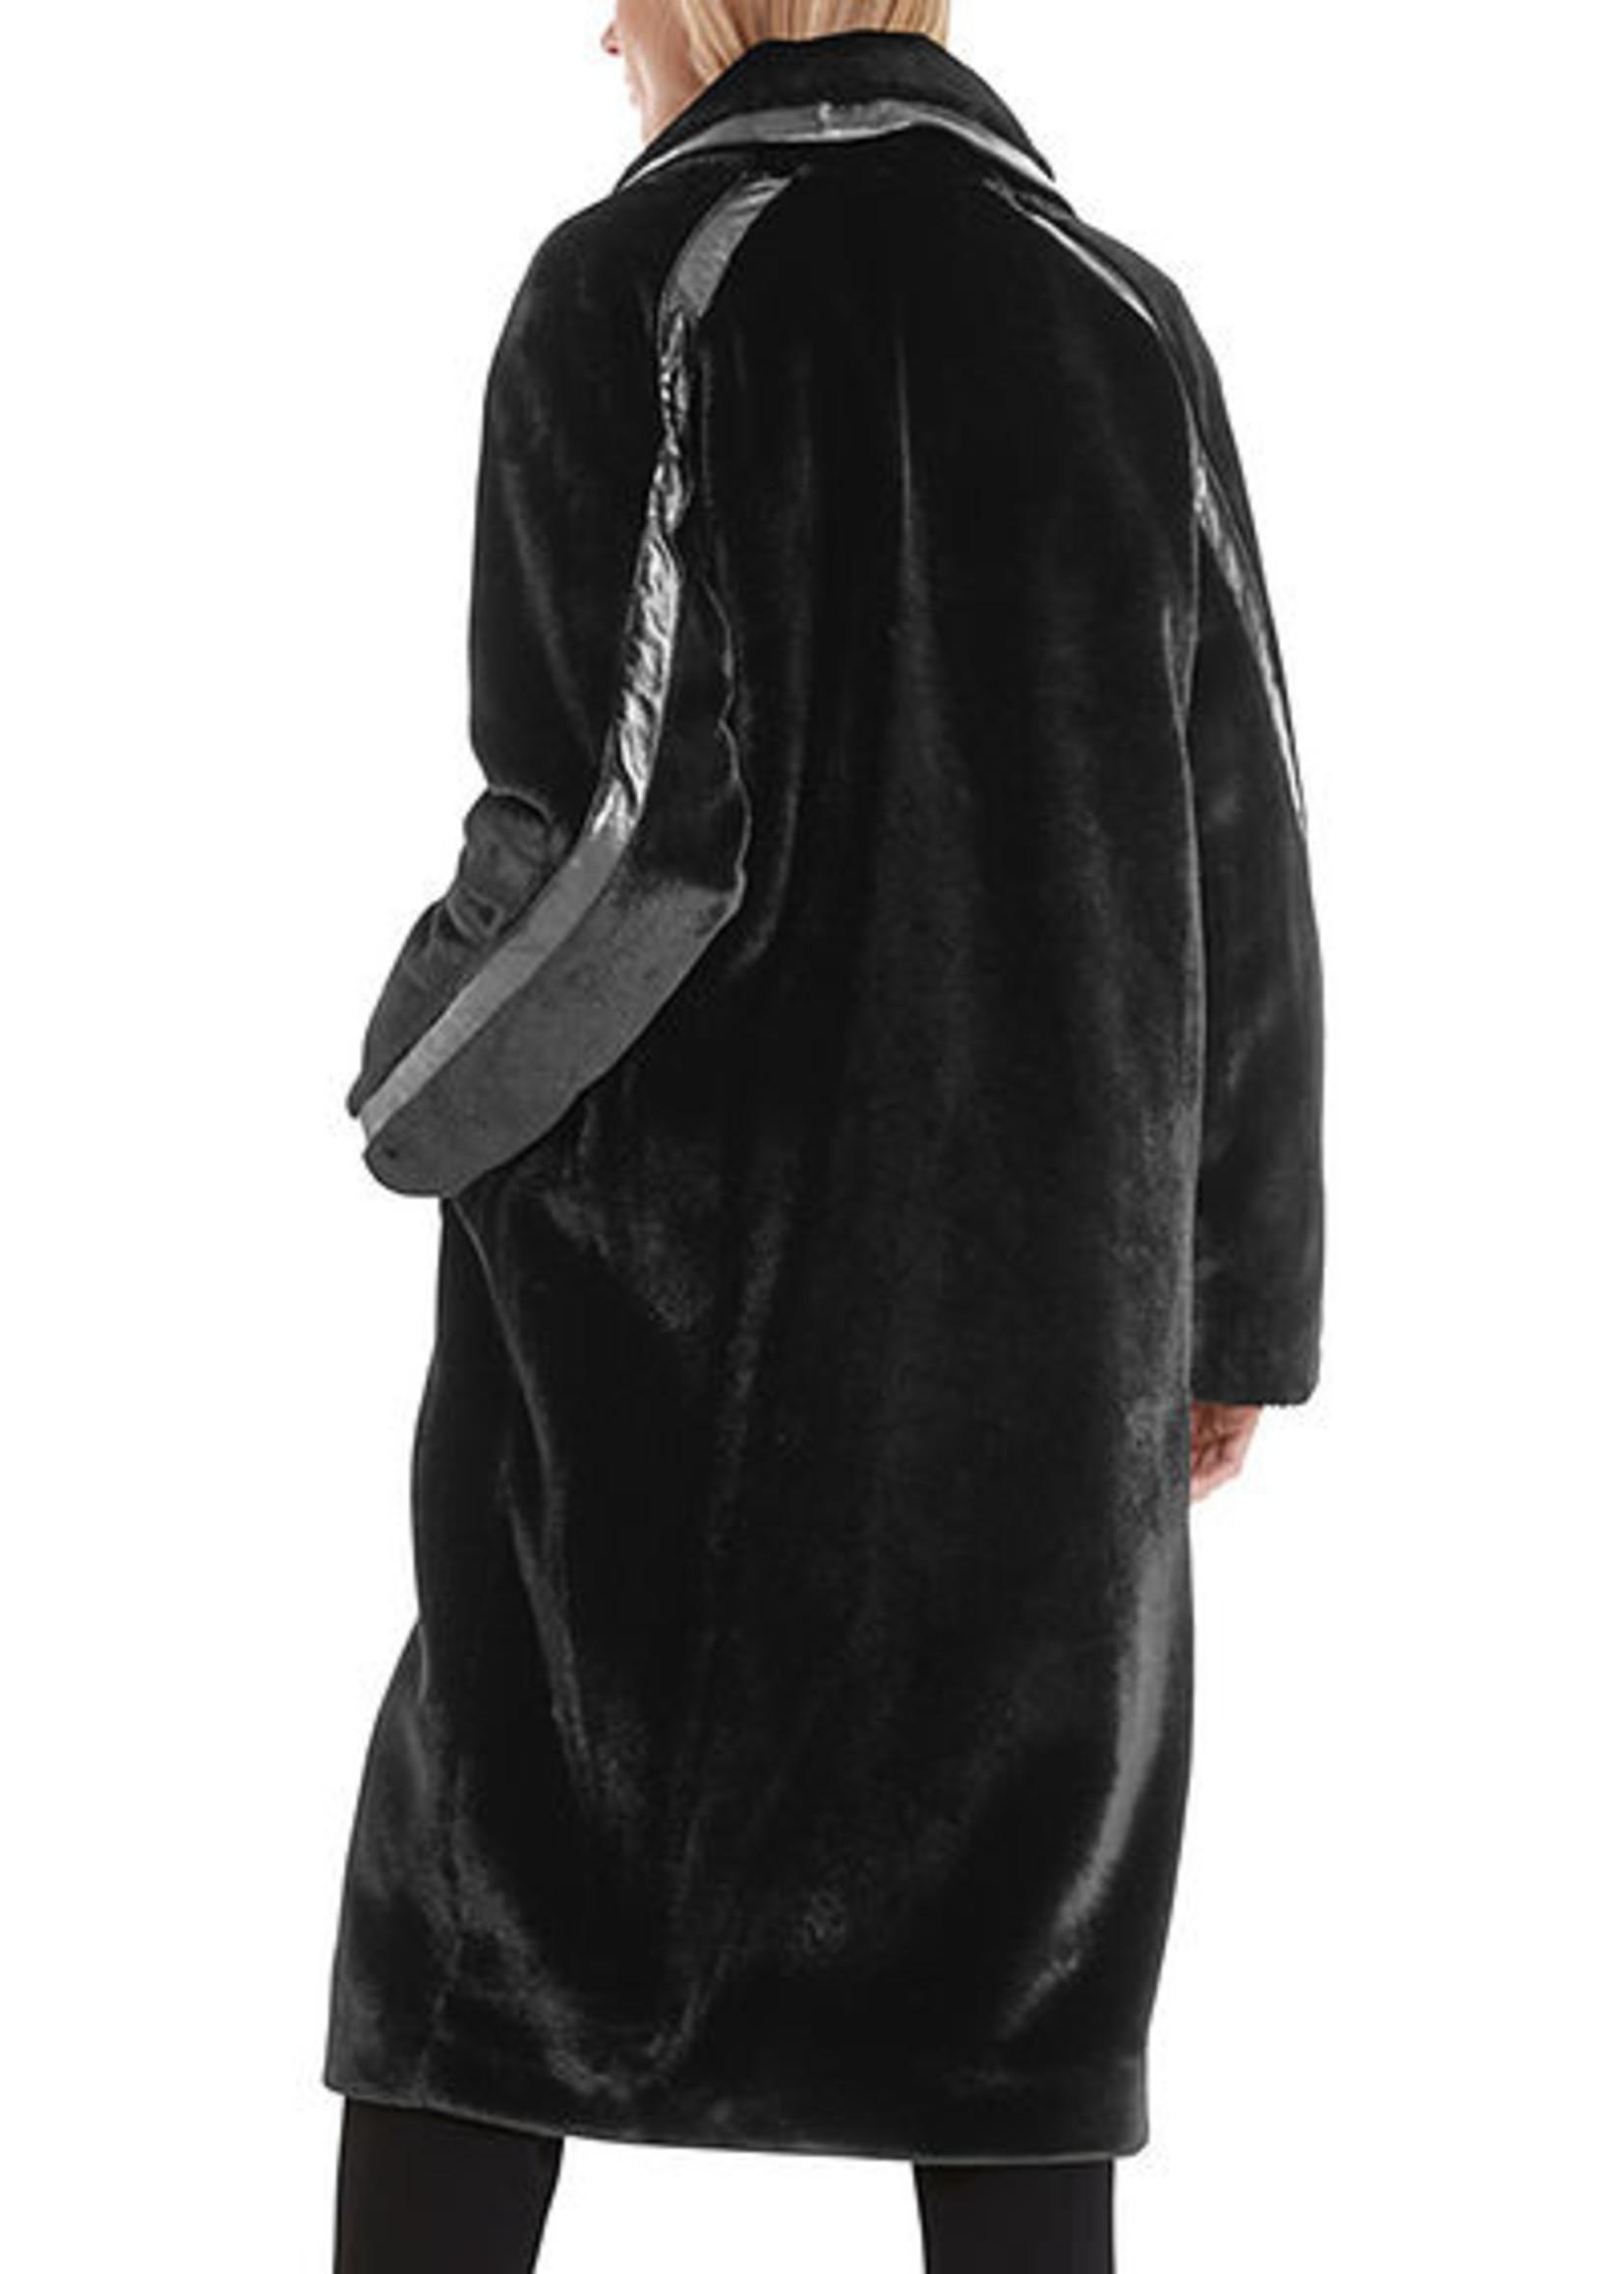 Mantel RC 11.11 W63 black